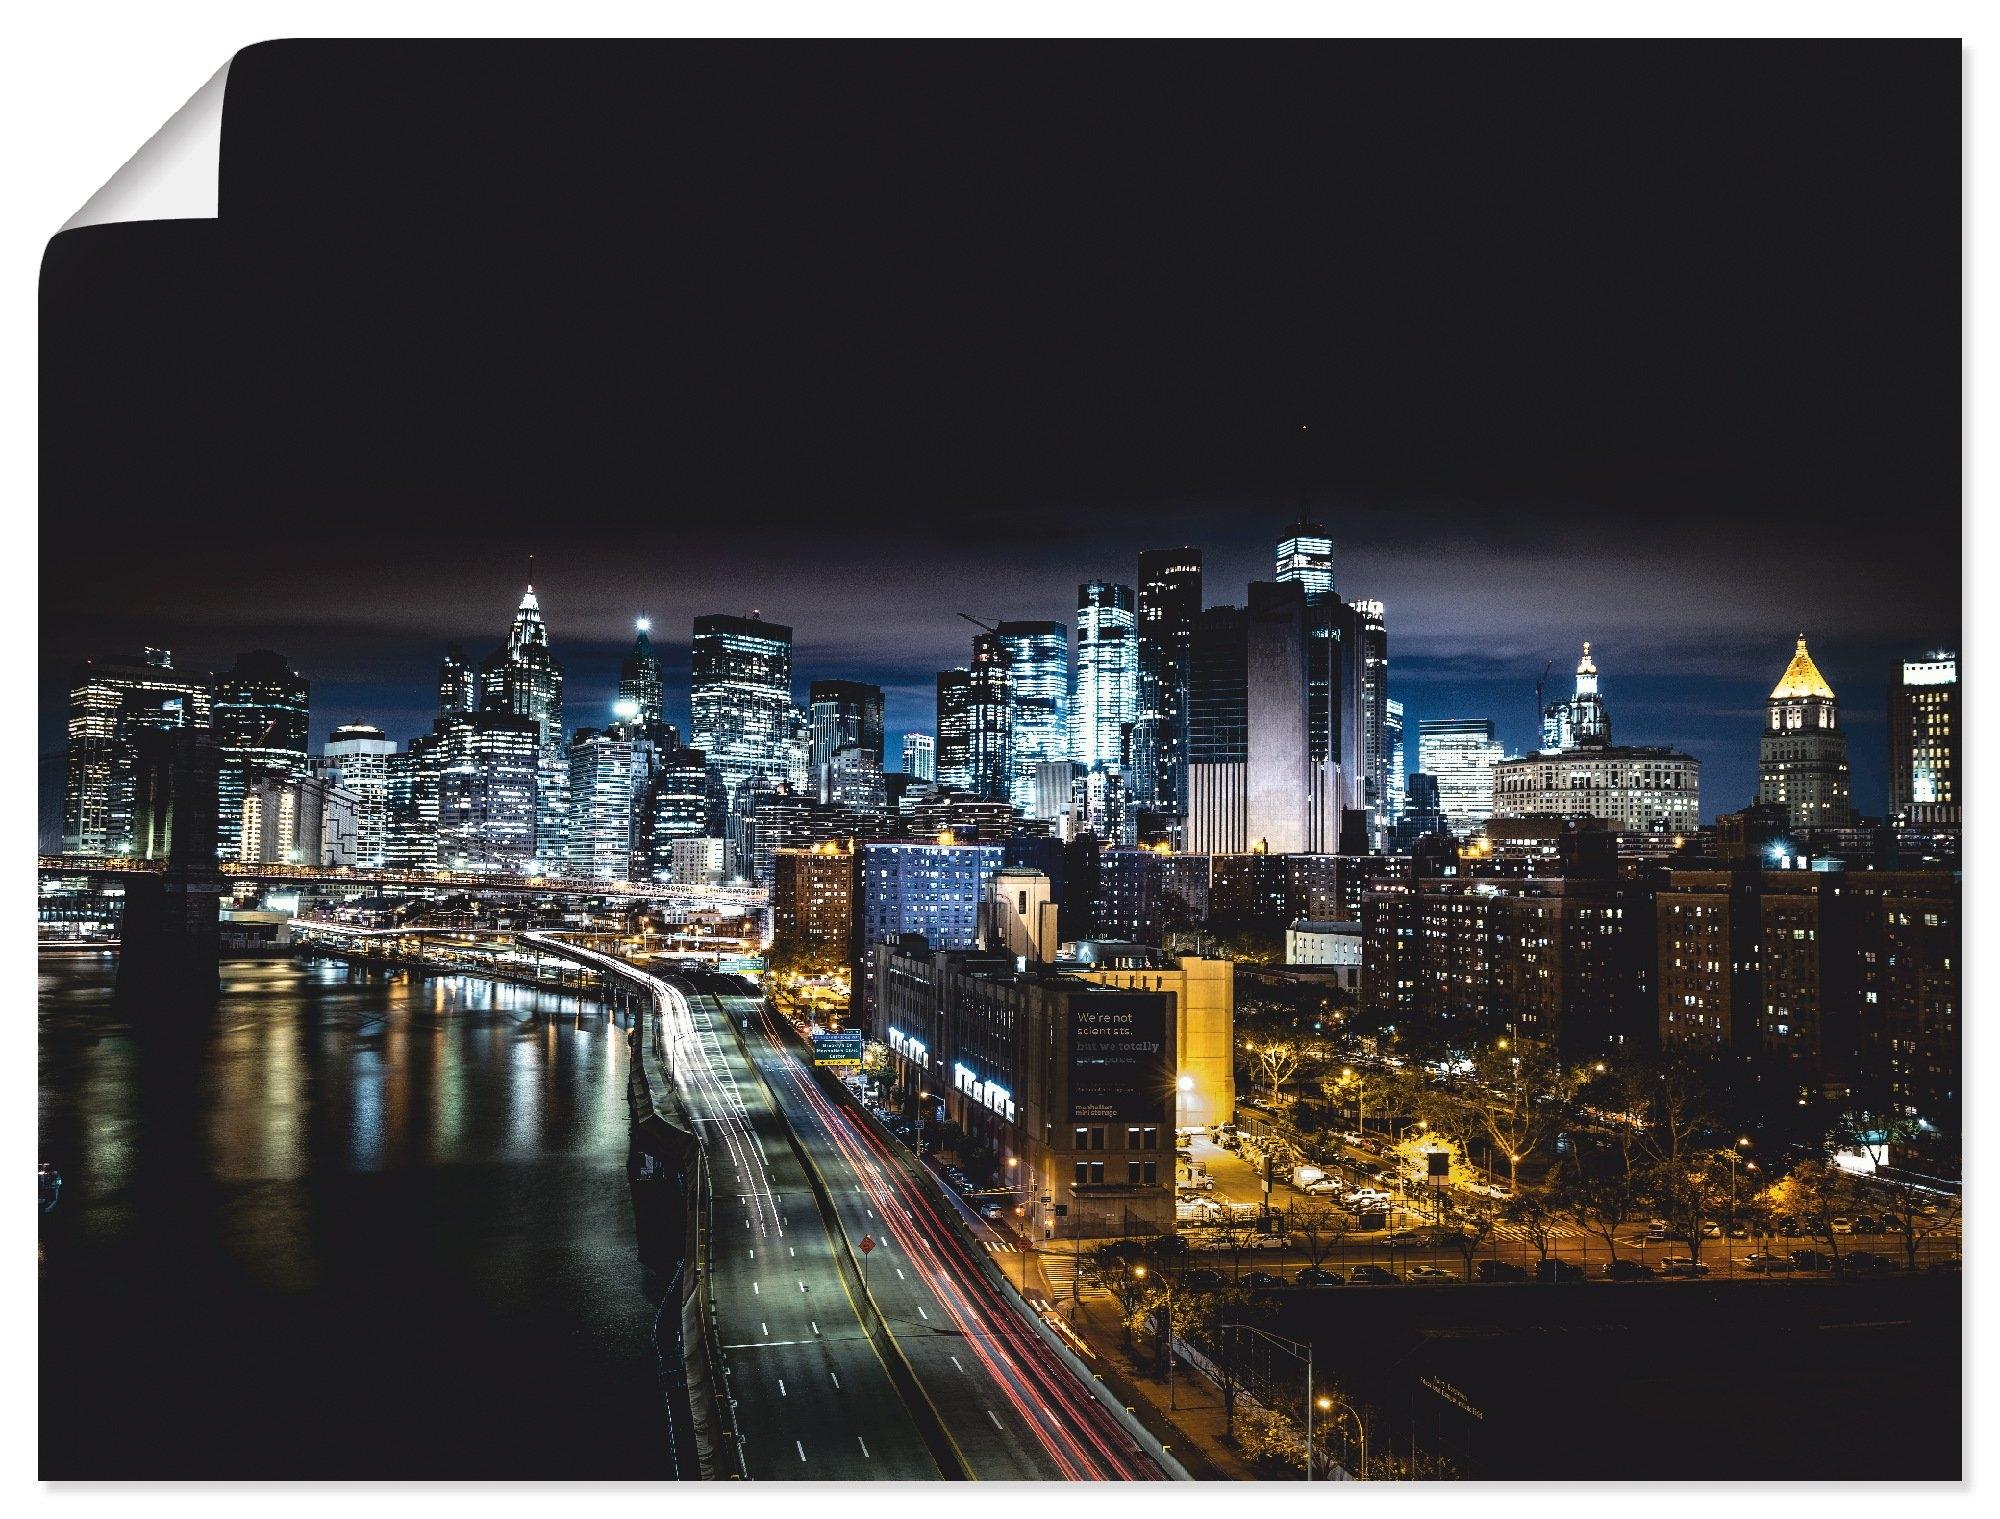 Op zoek naar een Artland artprint Nacht in New York in vele afmetingen & productsoorten - artprint van aluminium / artprint voor buiten, artprint op linnen, poster, muursticker / wandfolie ook geschikt voor de badkamer (1 stuk)? Koop online bij OTTO